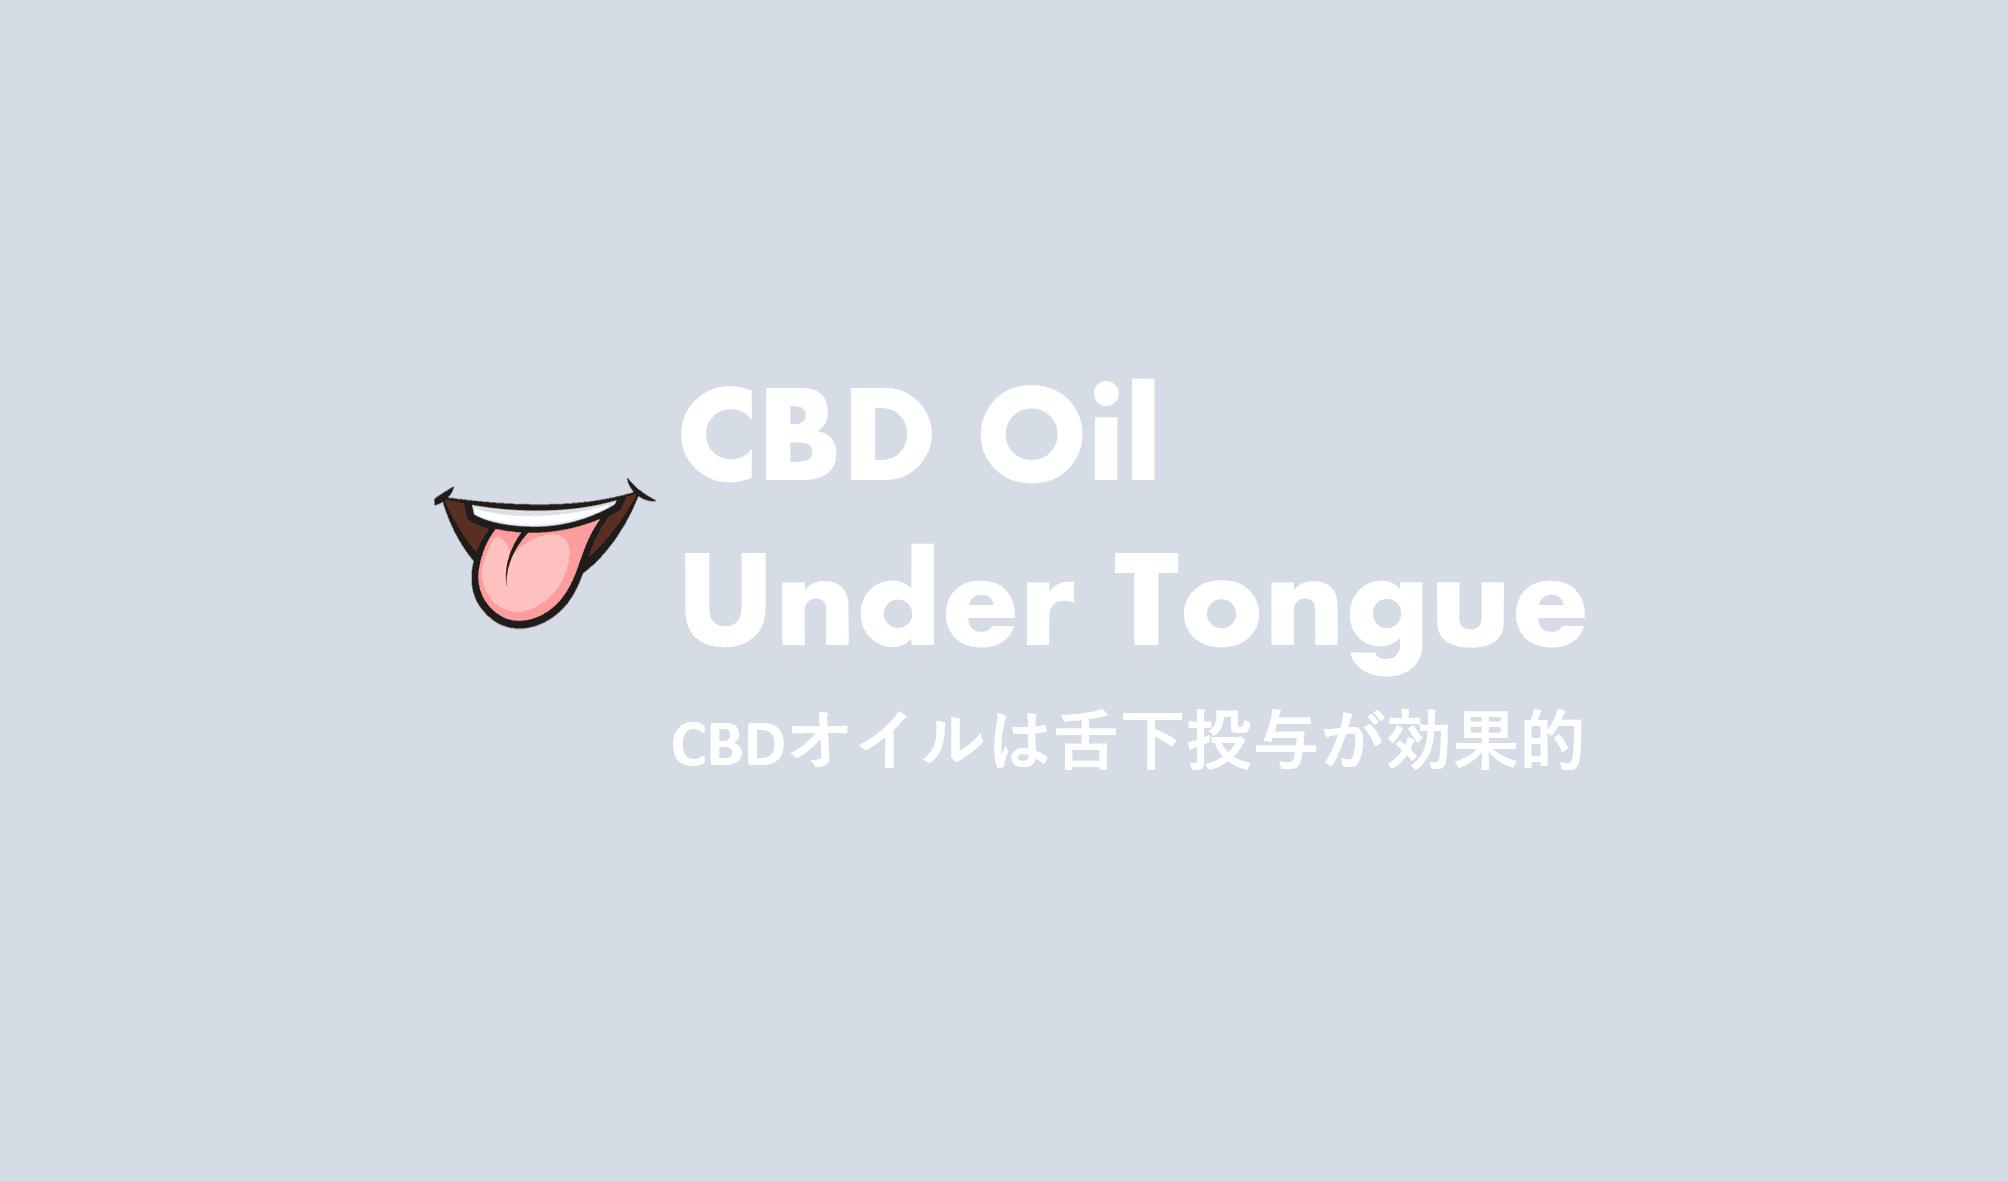 CBDオイルは舌下投与が最も効果的?購入前に知るべき摂取方法